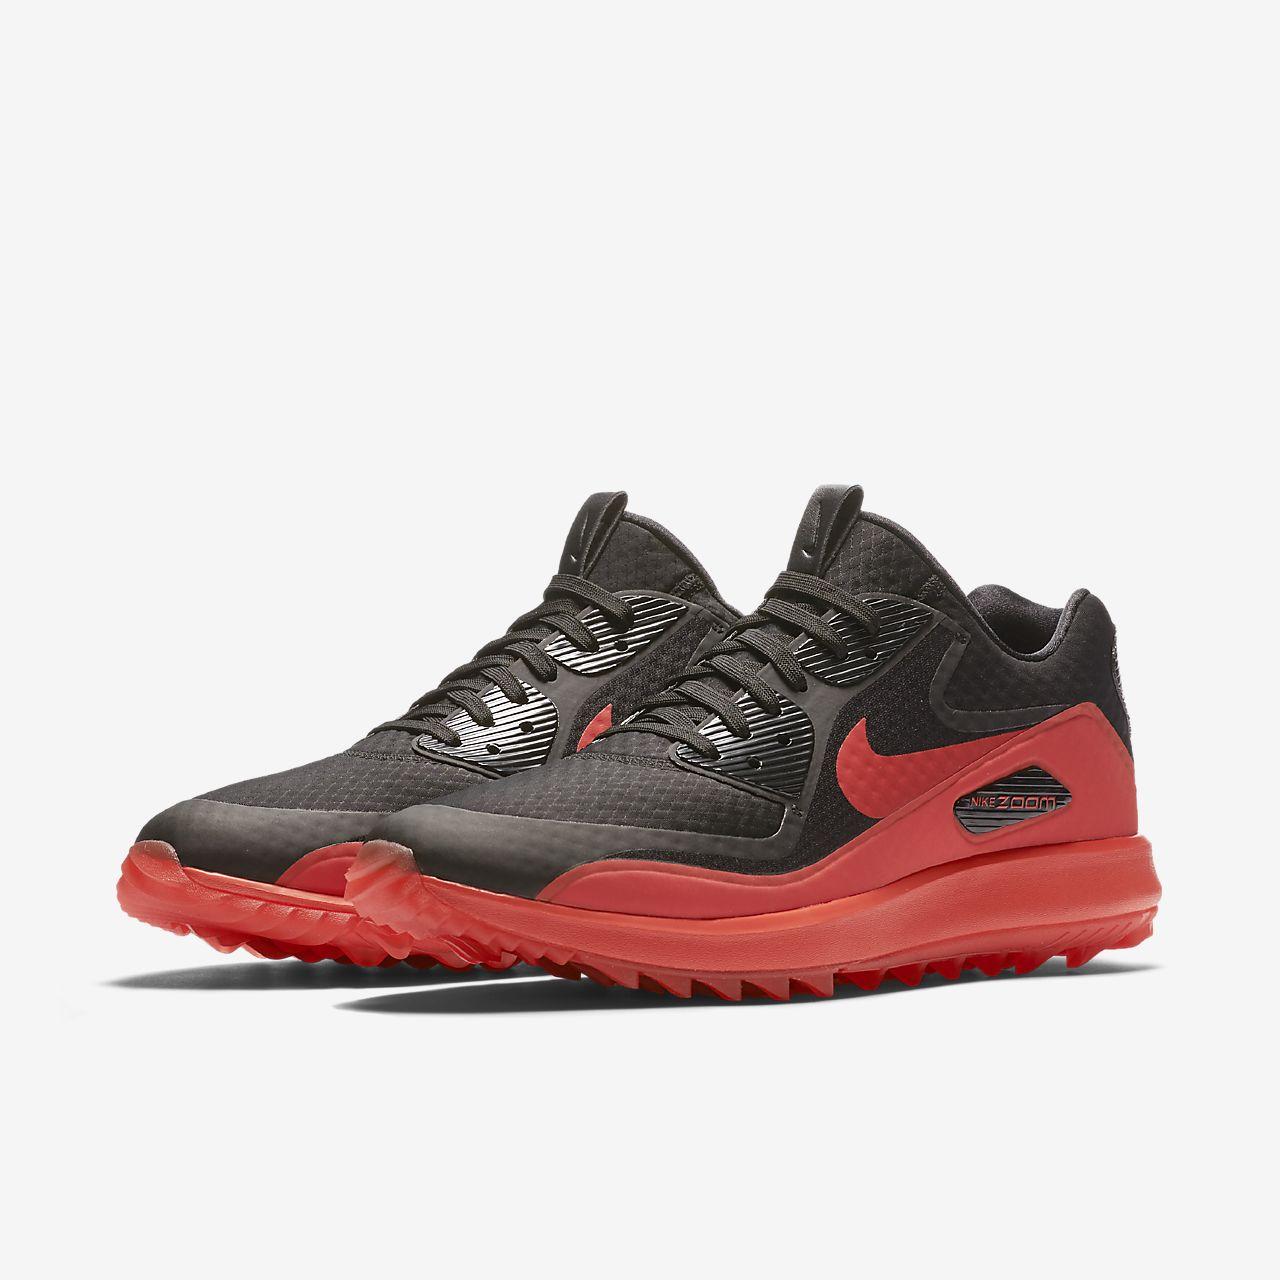 nike air max mens discount golf shoes